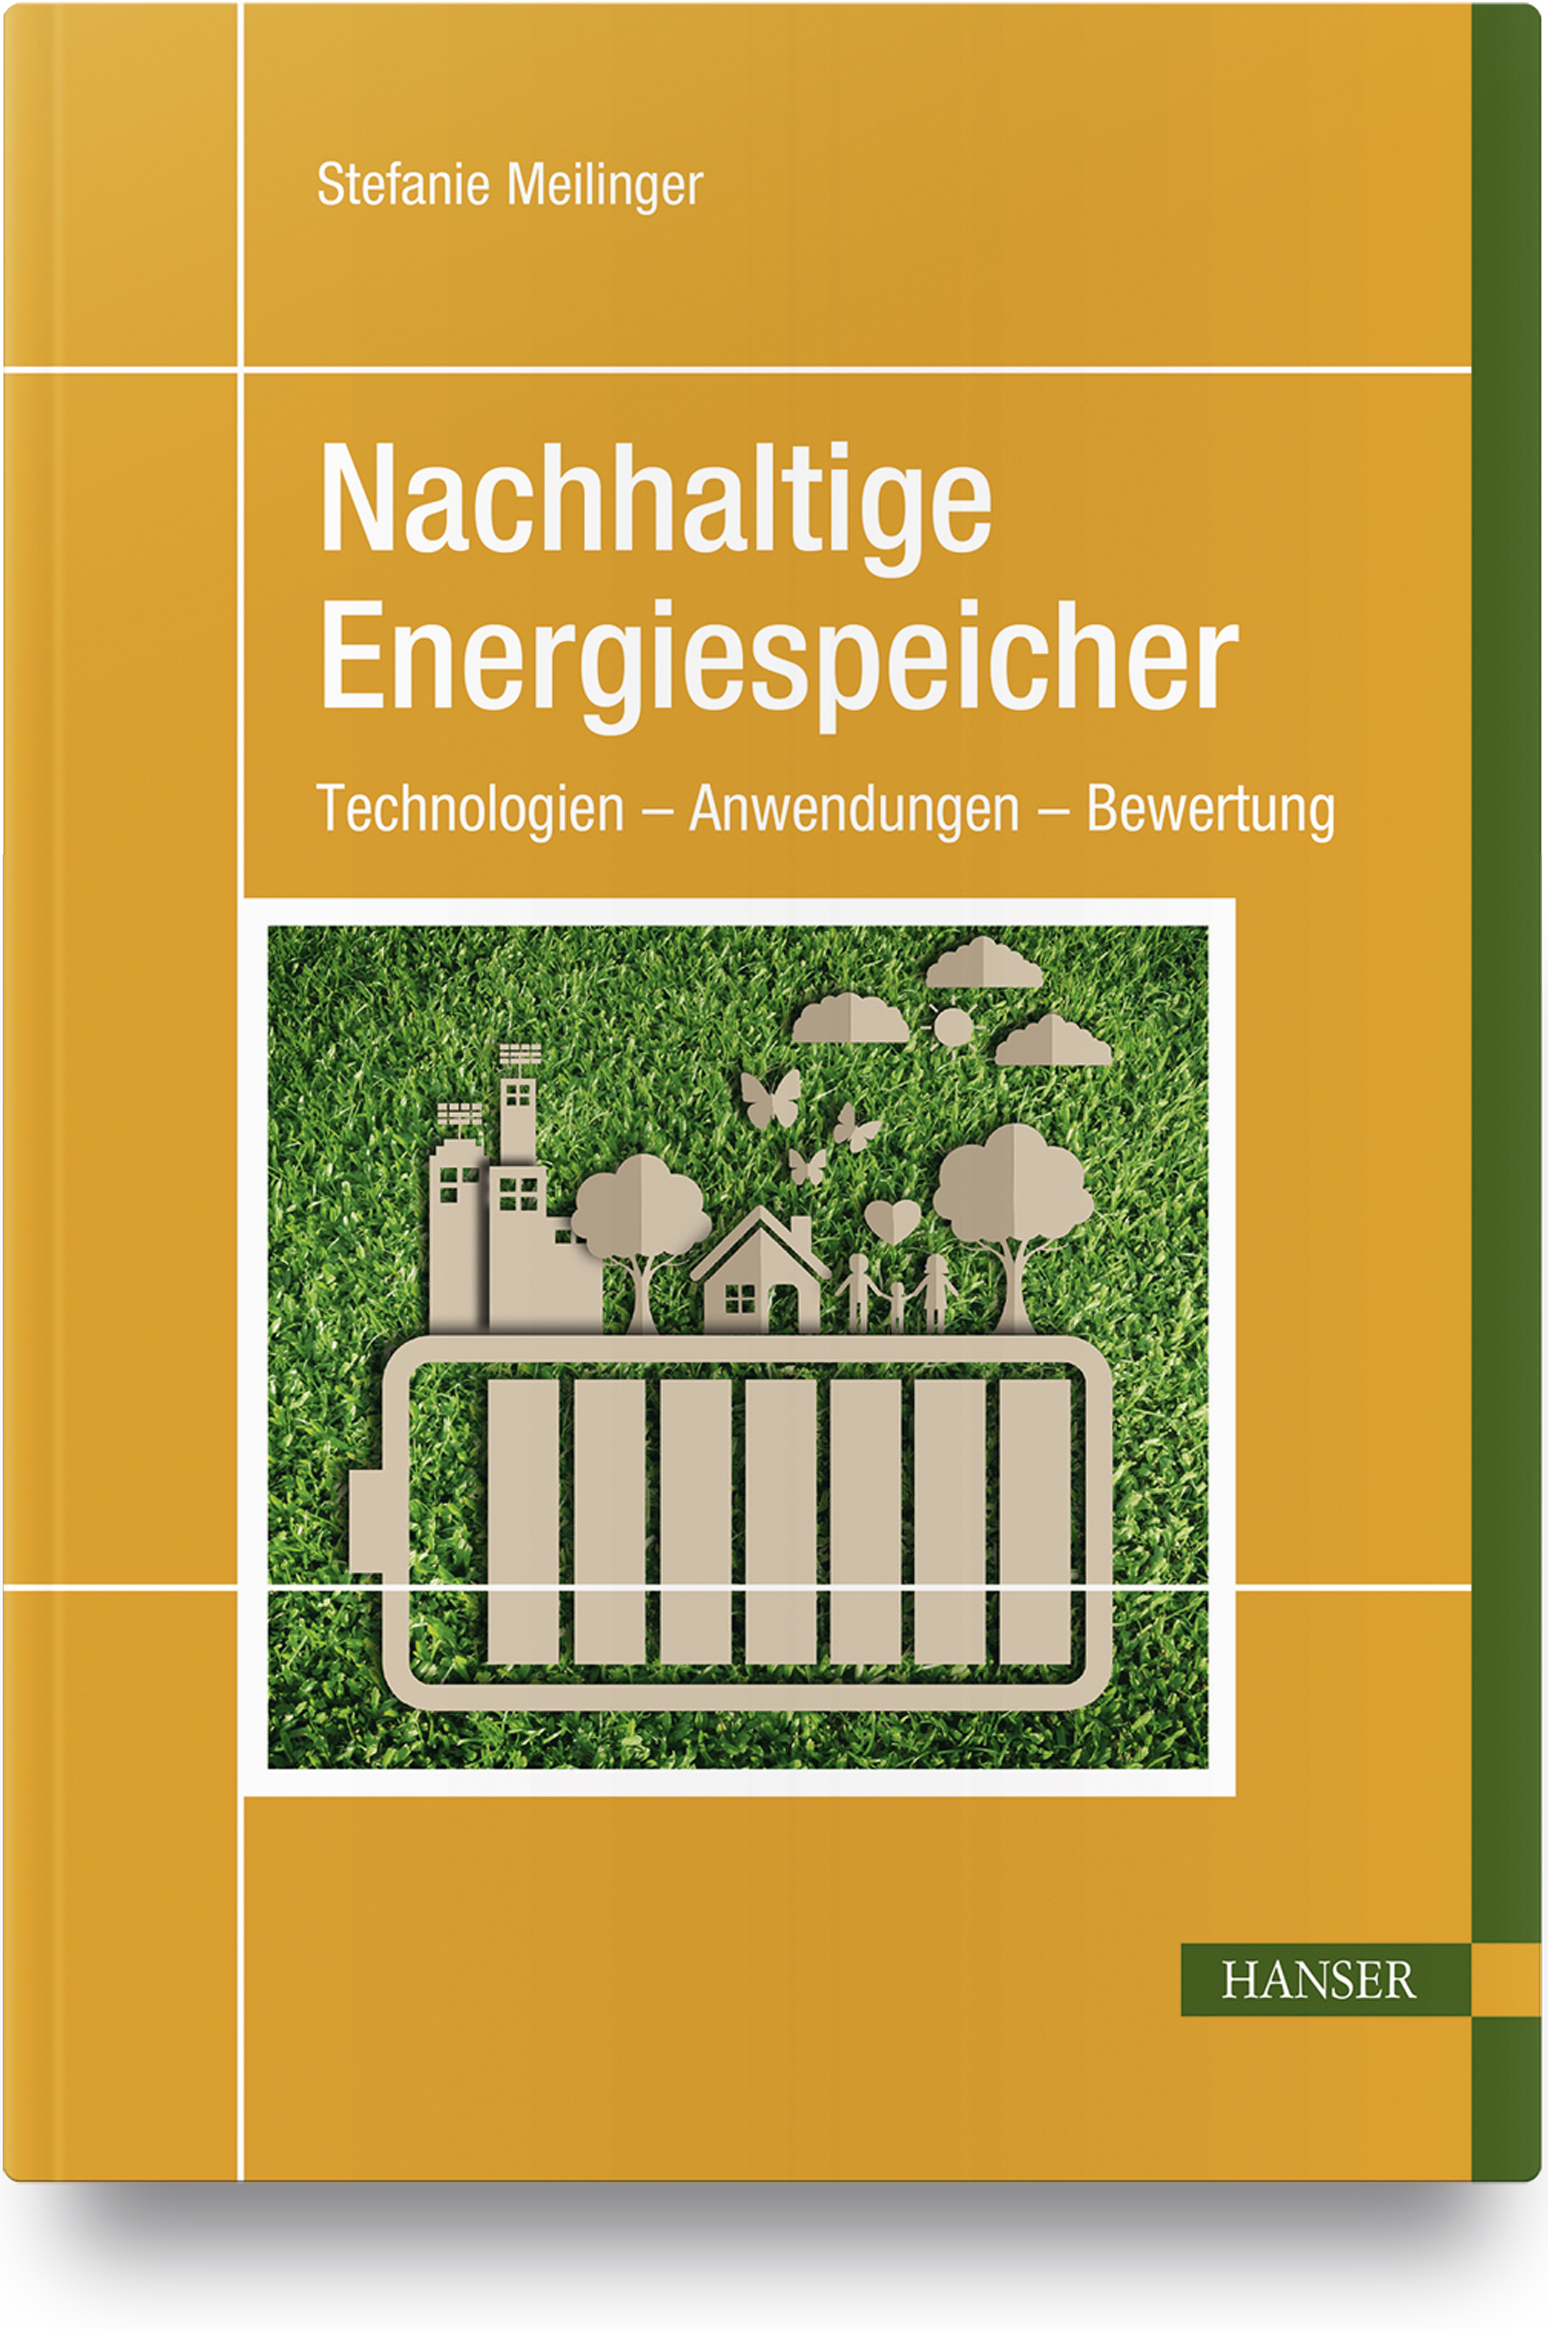 Meilinger, Nachhaltige Energiespeicher, 978-3-446-45122-3